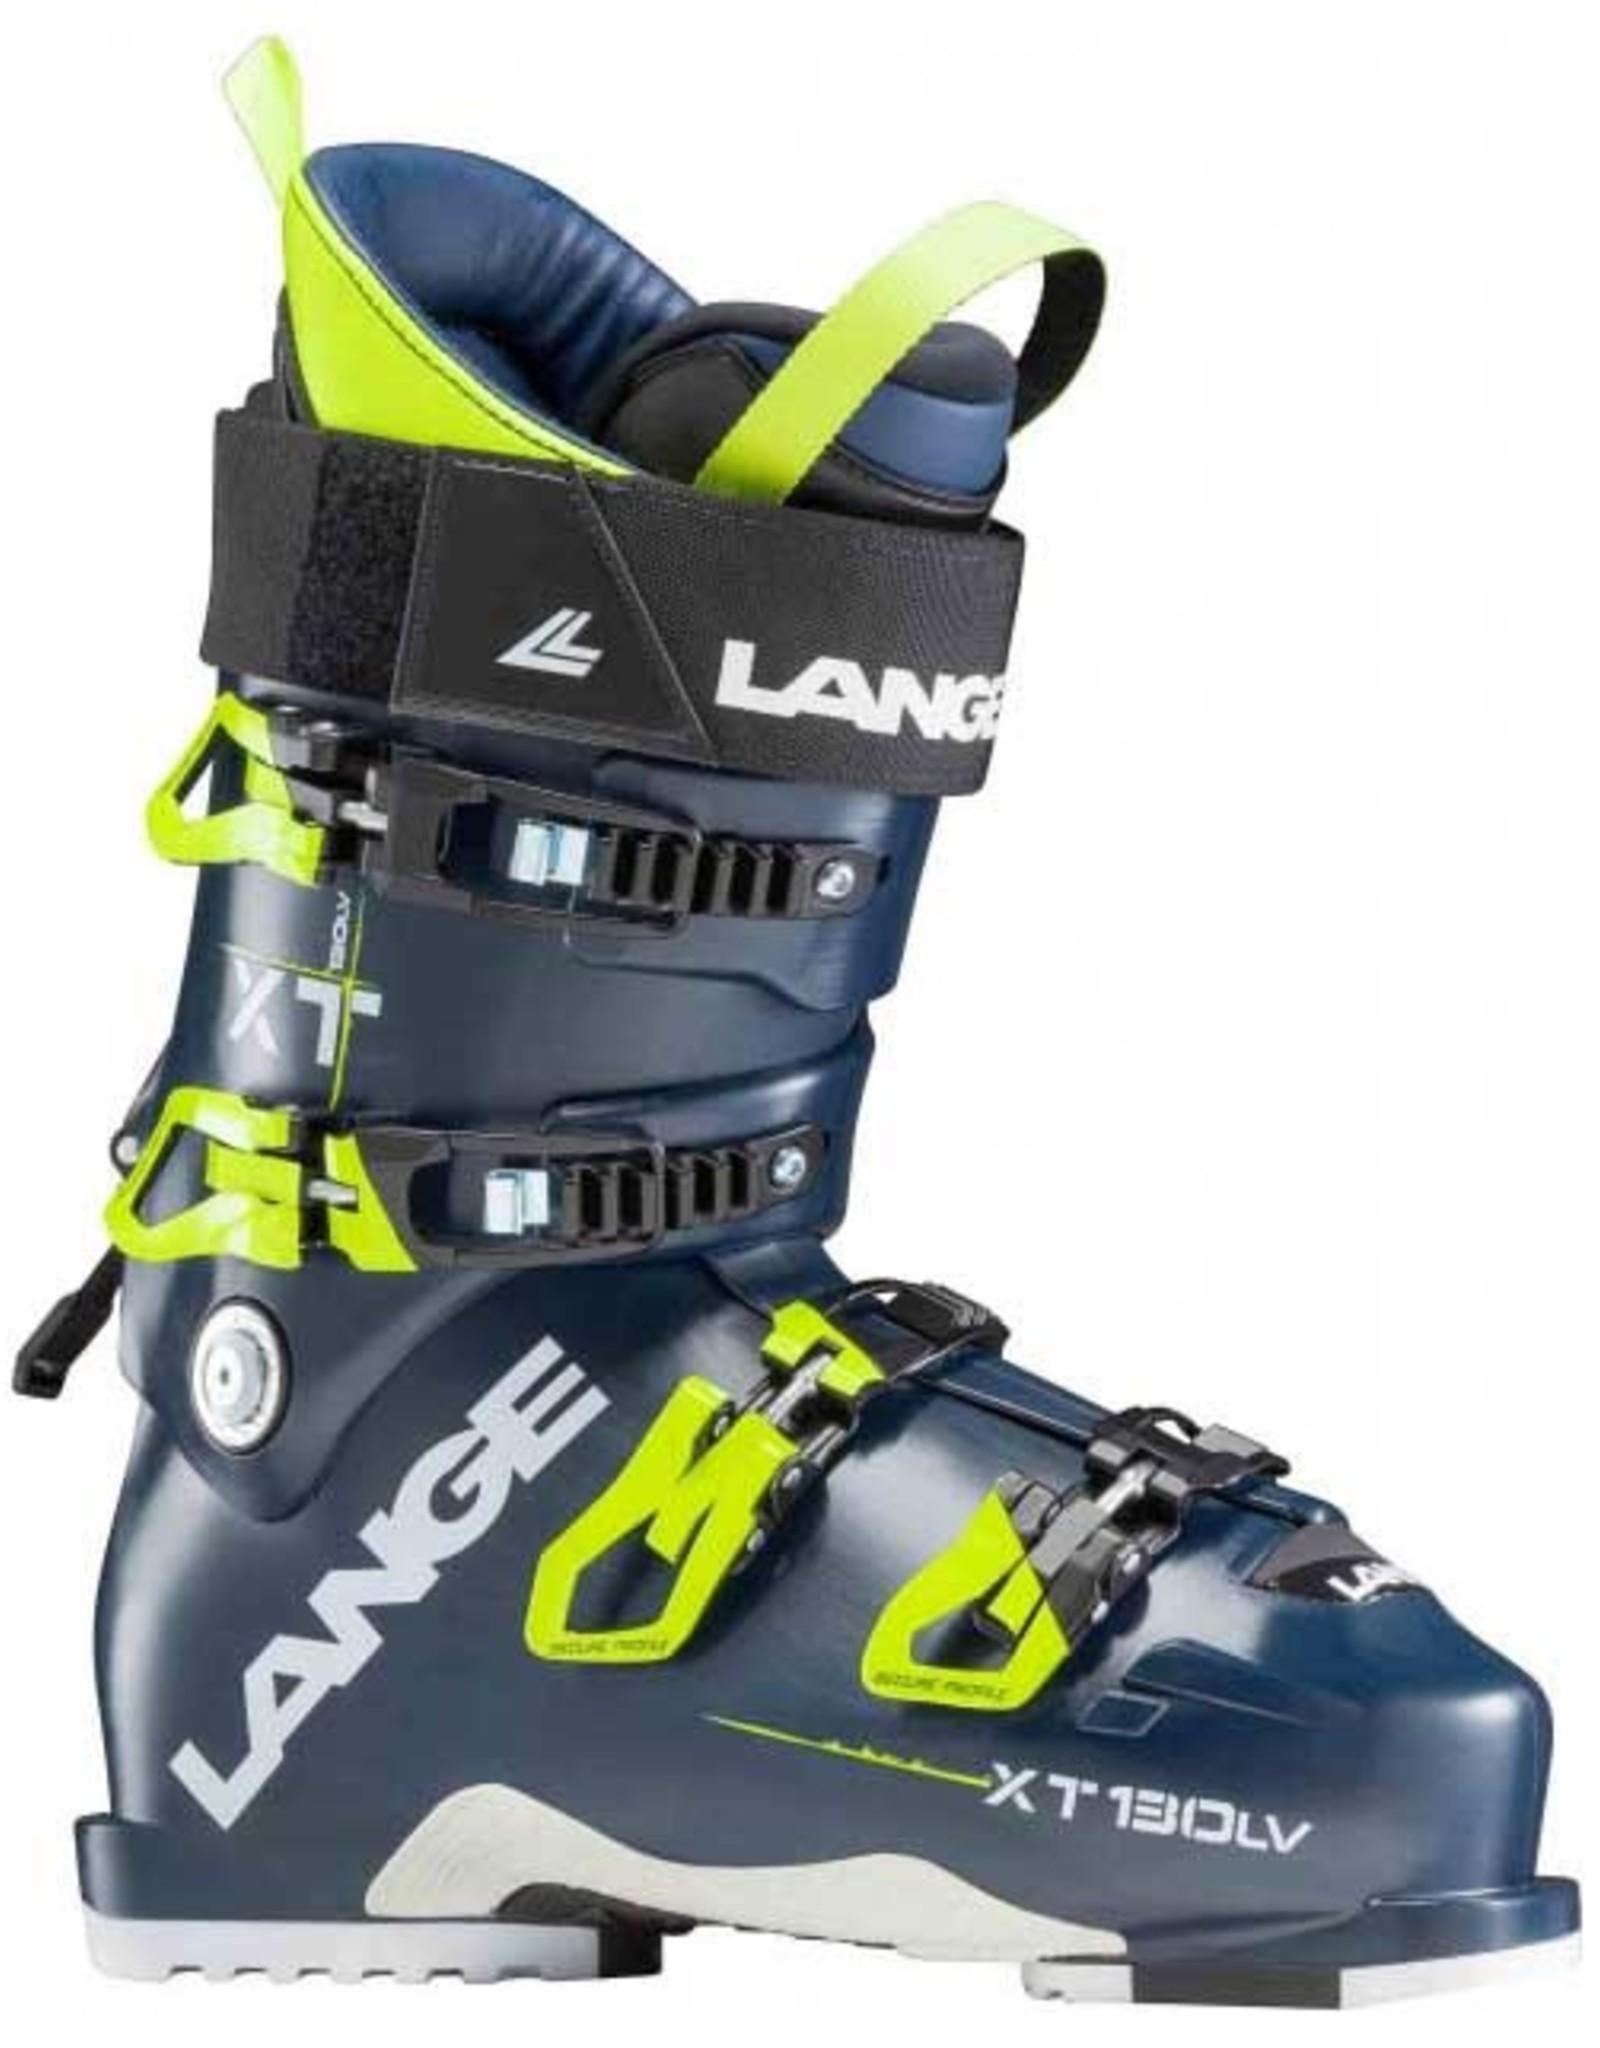 Lange LANGE Ski Boots XT 130 L.V.  (17/18)